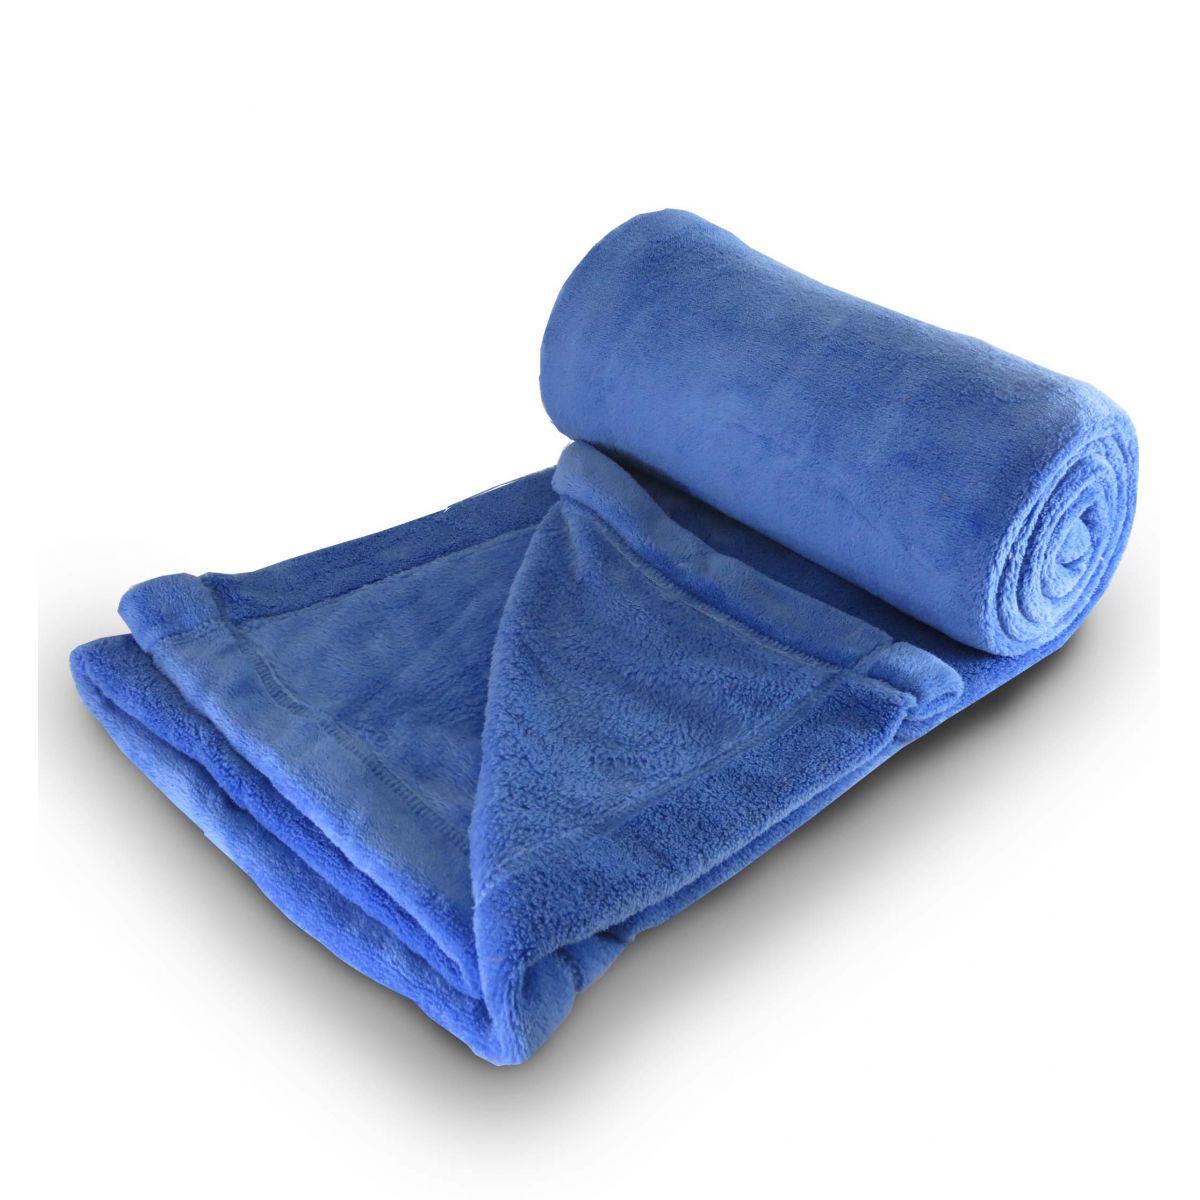 Cobertor de Microfibra 240 g/m³ Mini Manta - Bege